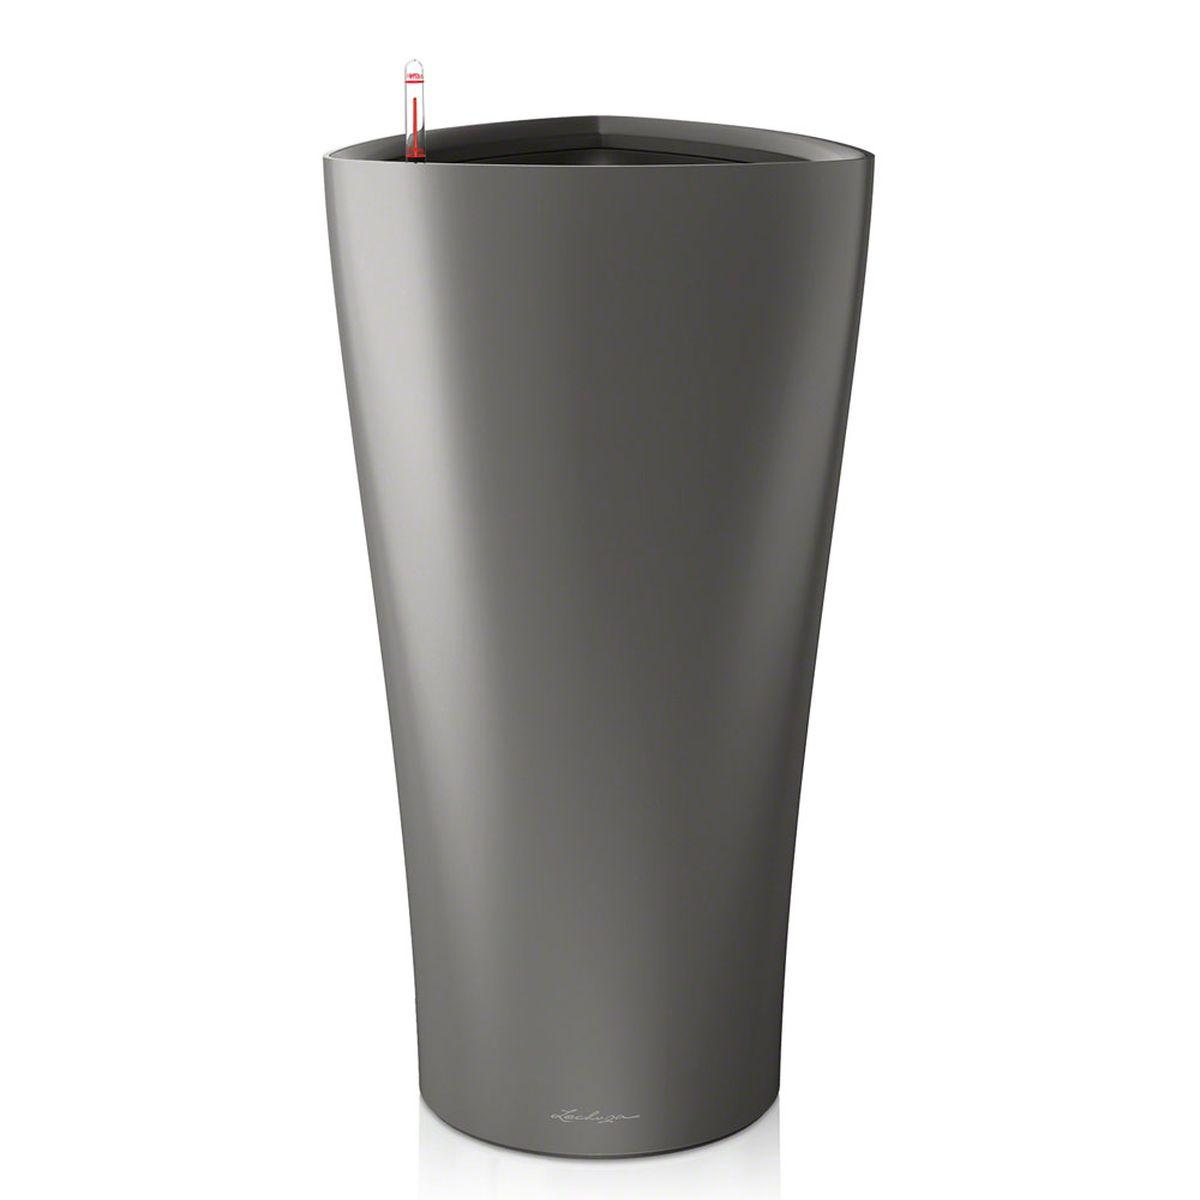 Кашпо Lechuza Delta, с системой автополива, цвет: антрацит, 40 х 40 х 75 см15543Кашпо Lechuza Delta, выполненное из высококачественного пластика, имеет уникальную систему автополива, благодаря которой корневая система растения непрерывно снабжается влагой из резервуара. Уровень воды в резервуаре контролируется с помощью специального индикатора. В зависимости от размера кашпо и растения воды хватает на 2-12 недель. Это способствует хорошему росту цветов и предотвращает переувлажнение. В набор входит: кашпо, внутренний горшок, индикатор уровня воды, резервуар для воды. Внутренний горшок, оснащенный выдвижными ручками, обеспечивает: - легкую переноску даже высоких растений; - легкую смену растений; - можно также просто убрать растения на зиму; - винт в днище позволяет стечь излишней дождевой воде наружу. Кашпо Lechuza Delta прекрасно впишется в интерьер больших холлов, террас ресторанов и уютных гостиных. Изделие поможет расставить нужные акценты и придаст помещению вид, соответствующий вашим...